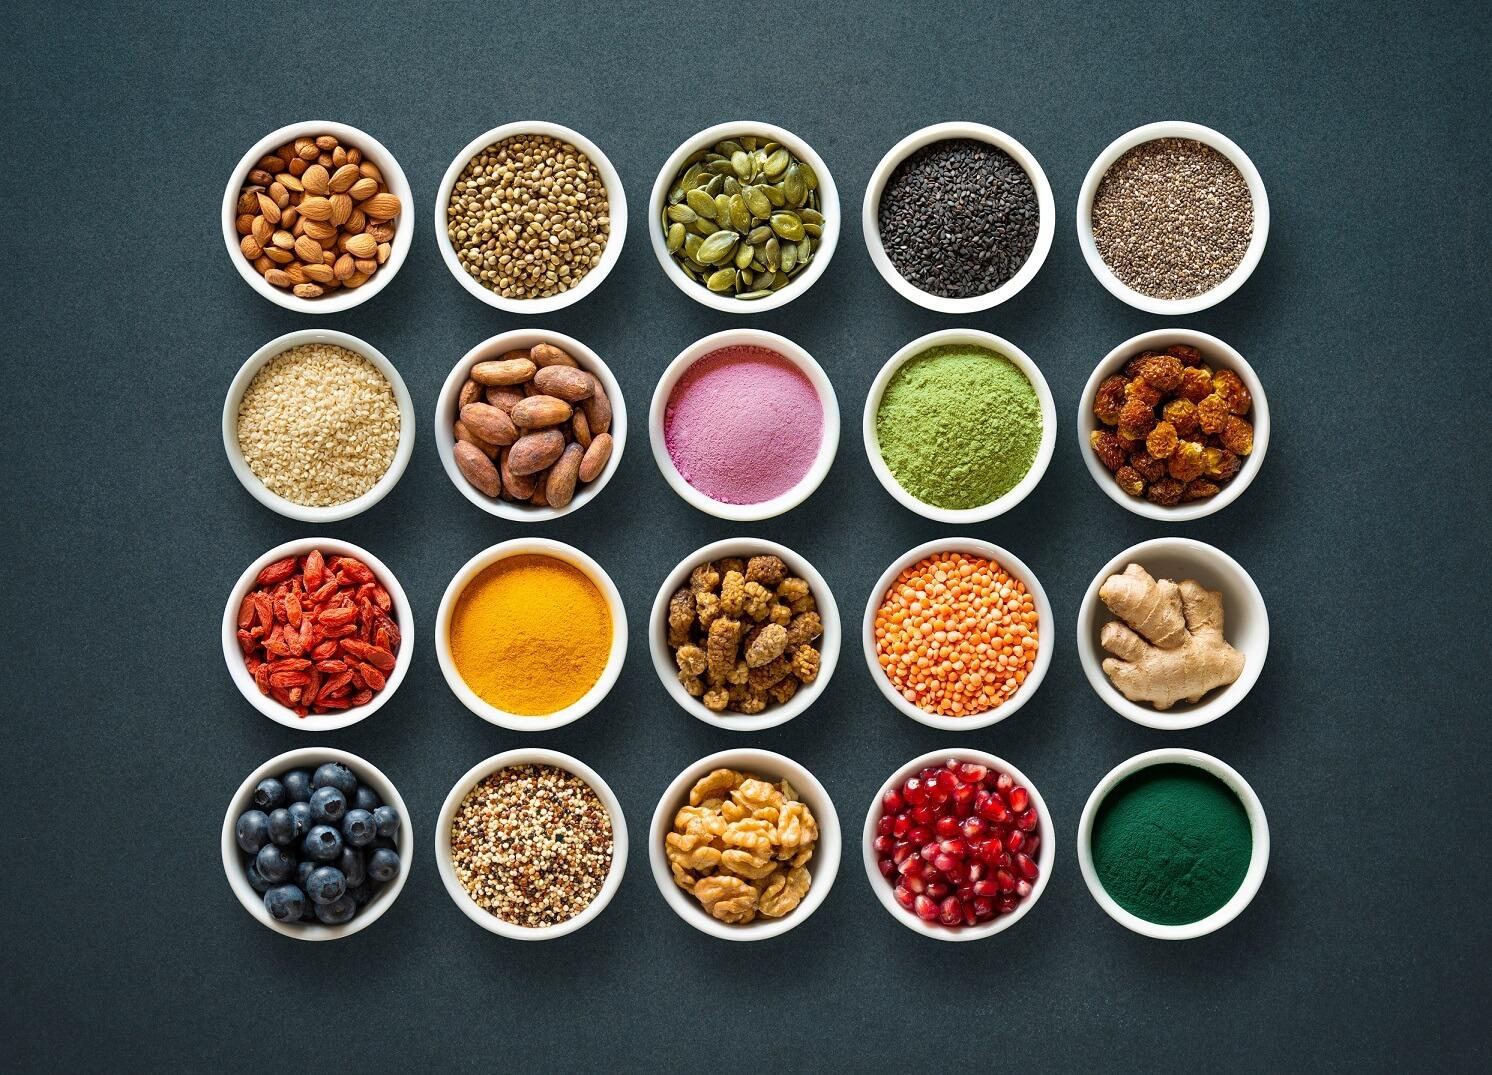 neurofelixir®: Eine innovative Formel mit Polyphenolen (Flavonoiden), Polyaminen, Vitaminen und Aminosäuren.